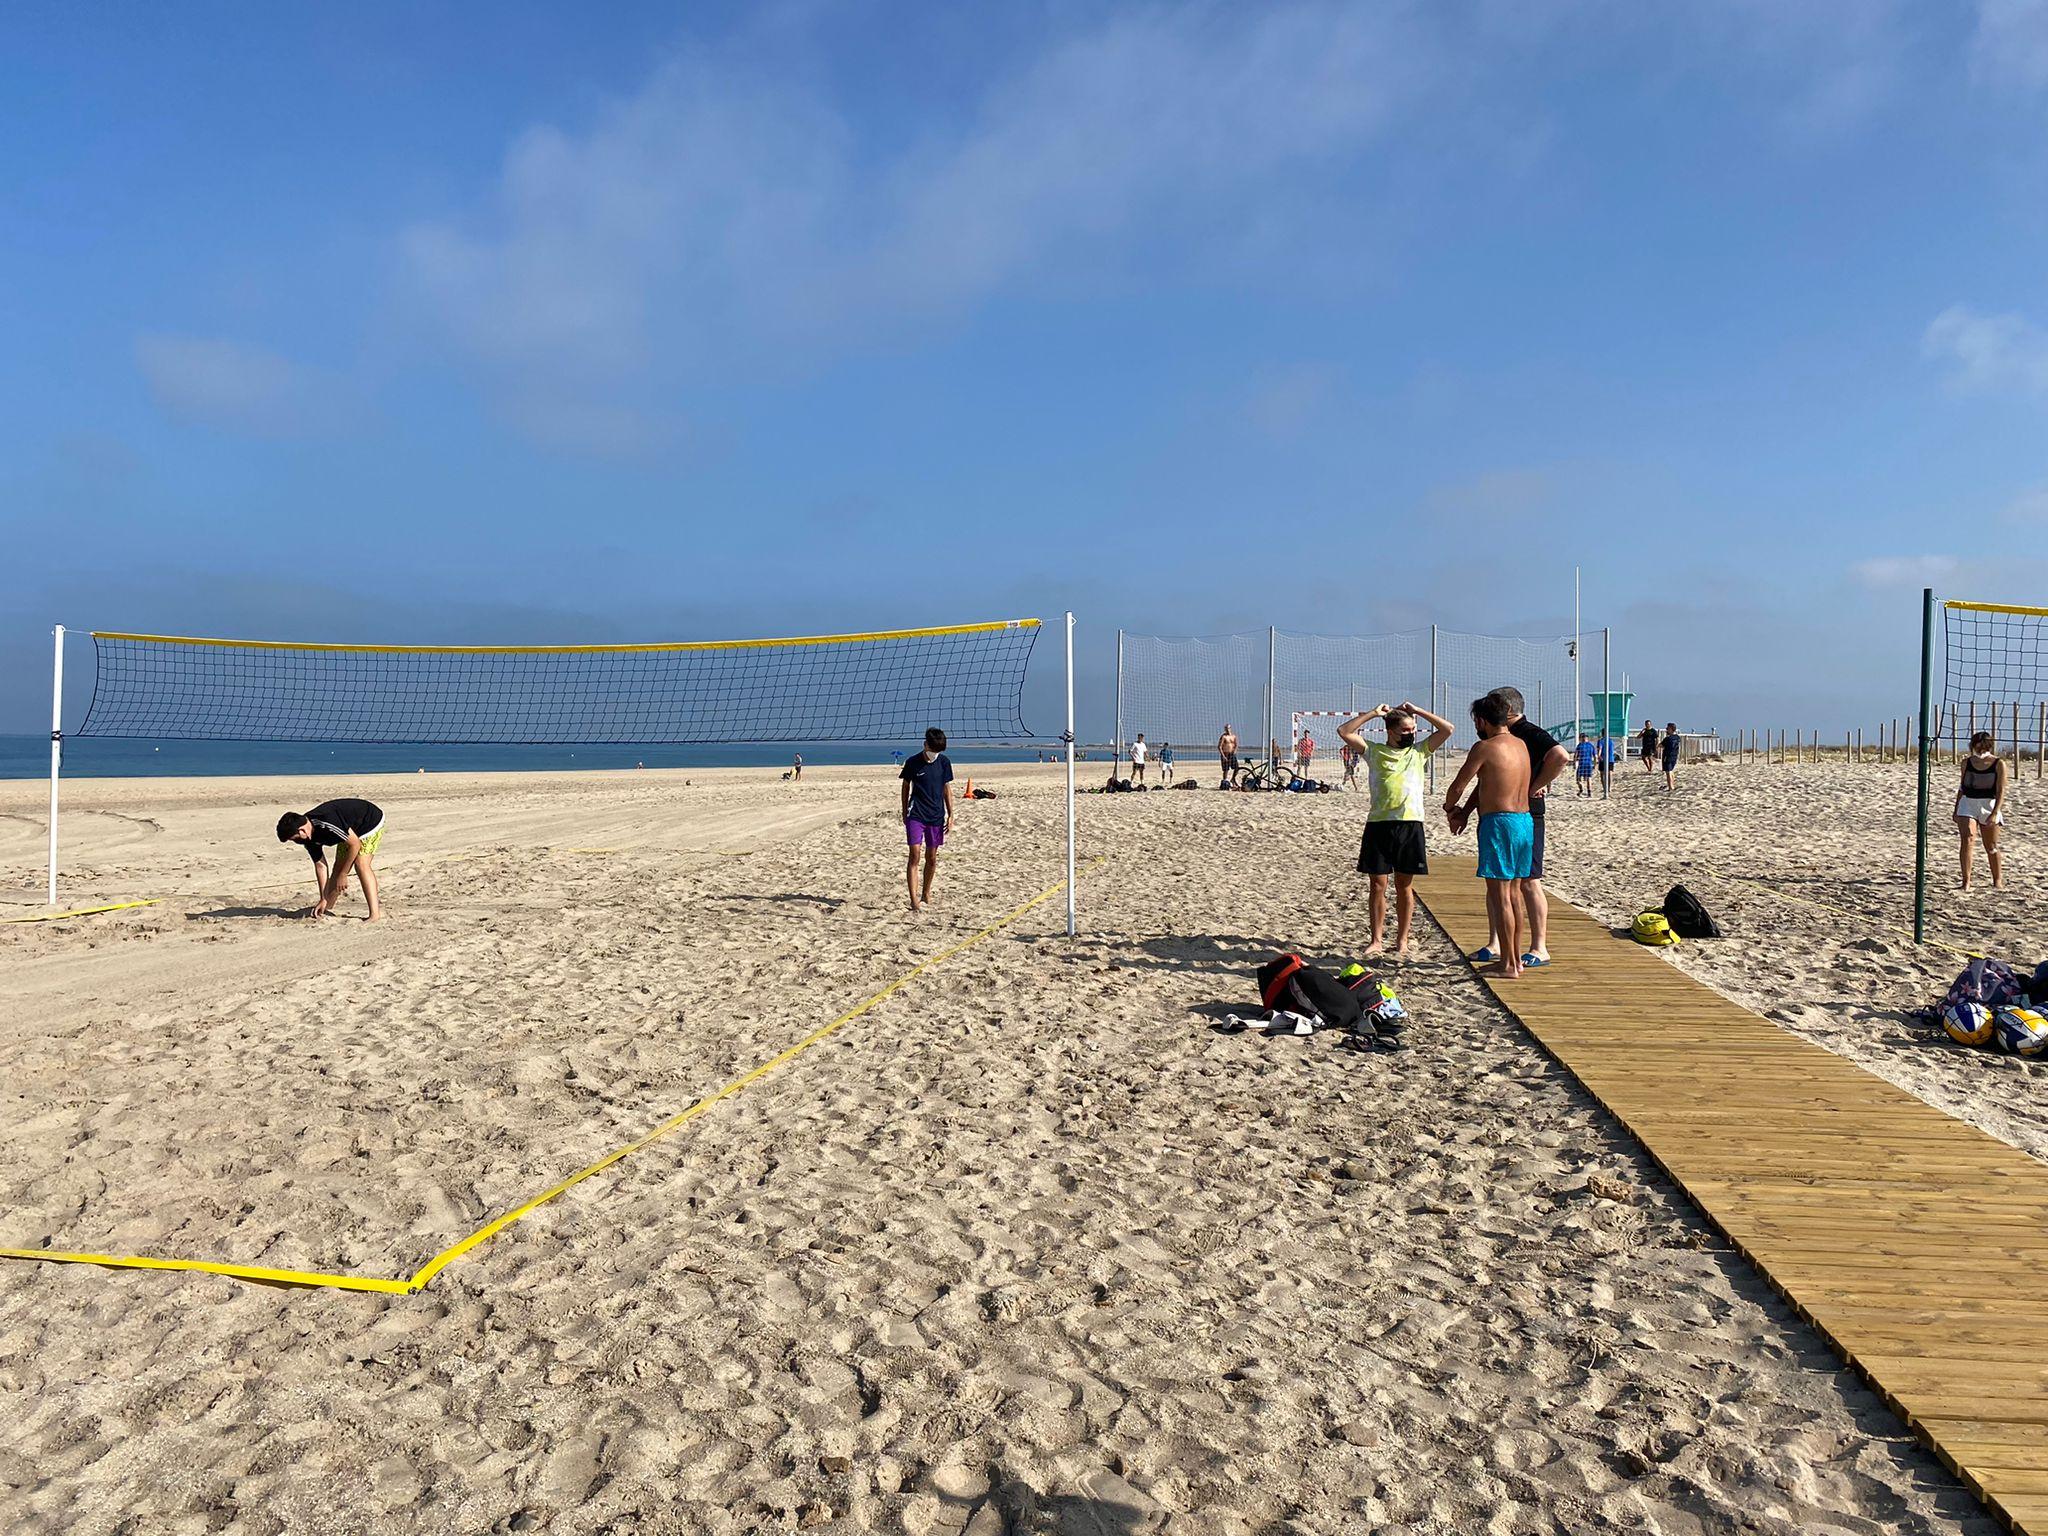 Los usuarios de la playa de Camposoto ya pueden disfrutar de las instalaciones deportivas